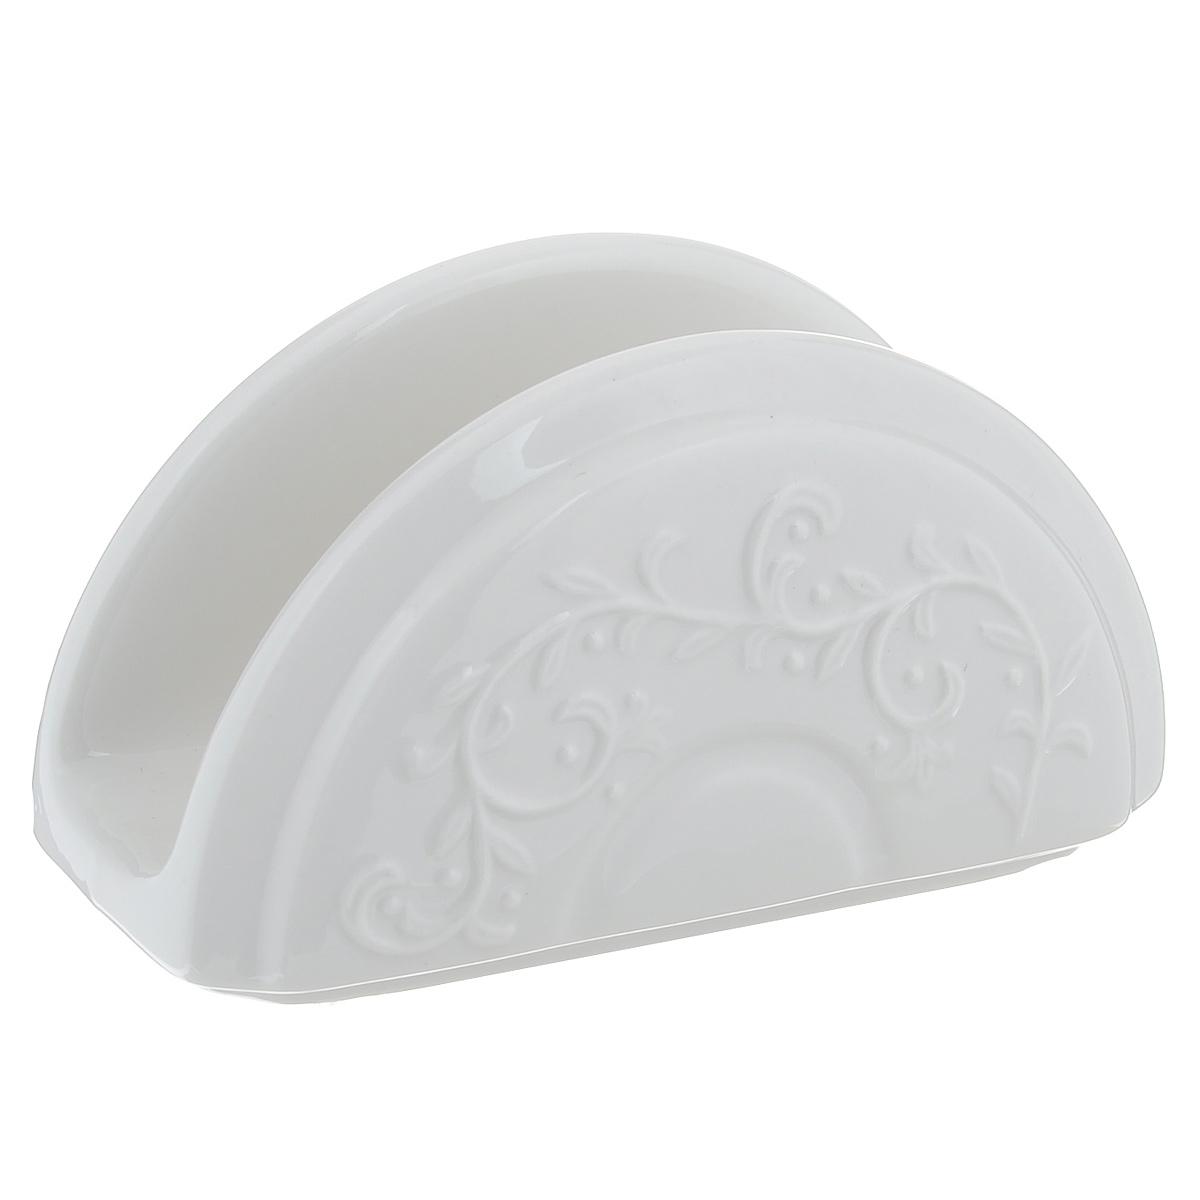 Салфетница Bennet АликантеVT-1520(SR)Салфетница Bennet Аликанте изготовлена из высококачественной керамики и декорирована оригинальным узором. Изделие обладает устойчивостью к механическим повреждениям, ударам, сколам и трещинам, благодаря добавлению алюмина, придающего прочность и безупречную белизну.Салфетница Bennet Аликанте станет изящным украшением вашего стола. Можно мыть в посудомоечной машине. Не применять абразивные чистящие средства. Размер салфетницы: 13,5 см х 6,5 х 7,5 см.